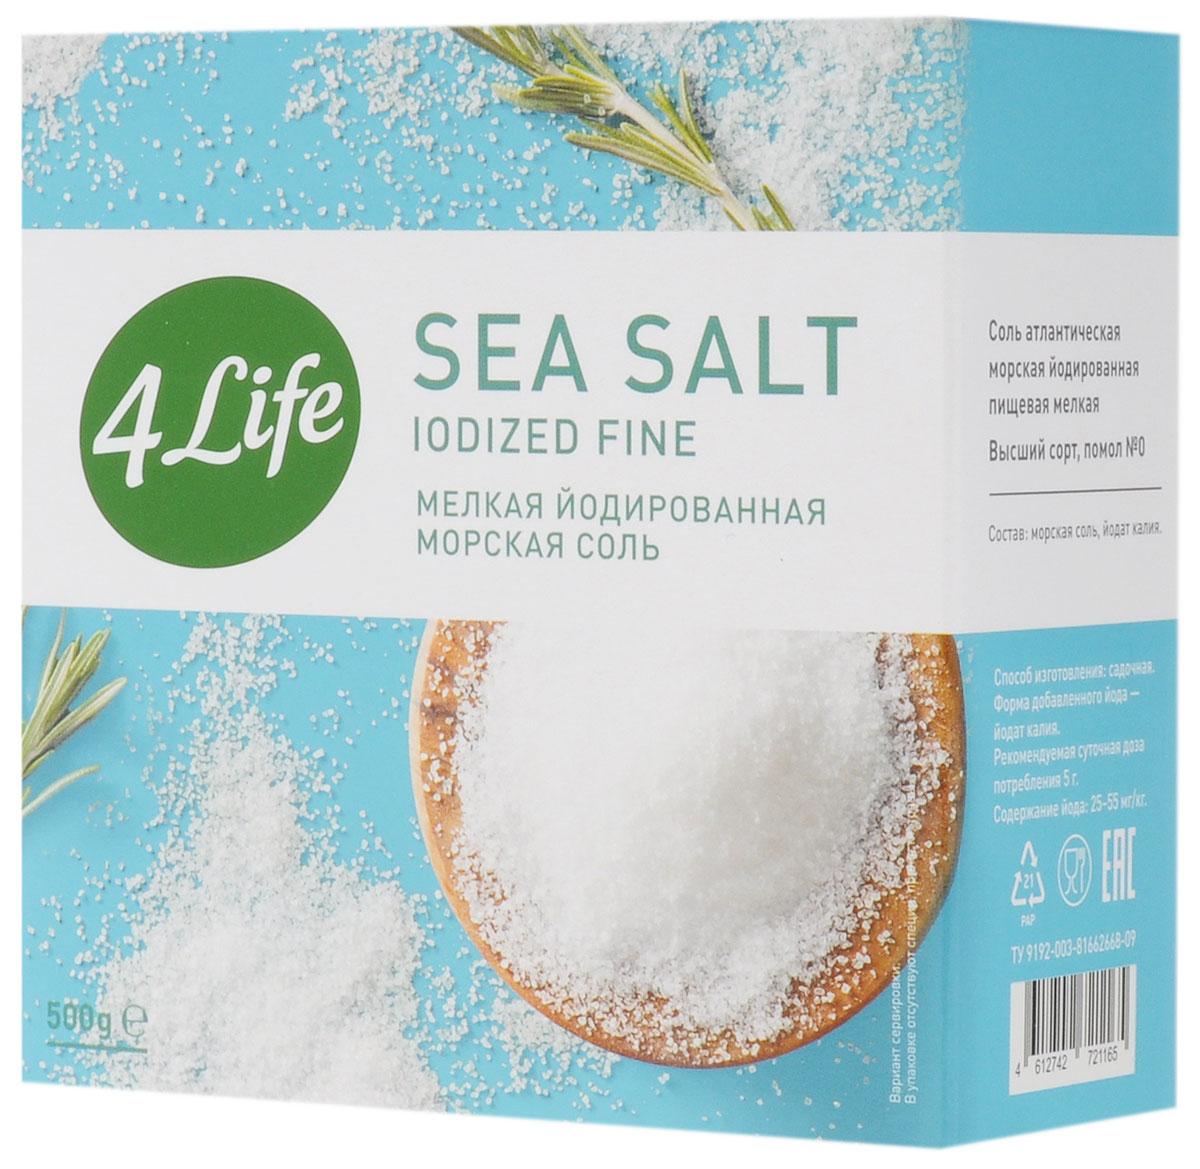 4Life соль морская мелкая йодированная в коробке, 500 гбте008Атлантическая морская йодированная соль 4Life - это 100% натуральный продукт, в своем составе не содержит Е535, 536, дополнительно обогащена йодом. Морская соль предназначена для приготовления различных продуктов, а также для подсаливания уже готовых блюд. Благодаря своему особому составу, морская соль 4Life тонко и изысканно подчеркивает естественный вкус продуктов, поэтому ей отдают предпочтение и гурманы, и сторонники здорового питания. Морская соль добывается путем выпаривания чистейшей воды Атлантического океана под солнечными лучами. Этот естественный, экологичный метод производства позволяет получить максимально чистую соль природного состава. Она содержит не только NaCl, но и широкую палитру полезных для здоровья микроэлементов. Морская соль дополнительно йодирована йодатом калия, который необходим для компенсации йододефицита, характерного для большей части населения нашей страны. 5-10 г соли 4Life полностью удовлетворяют суточную потребность организма в йоде.